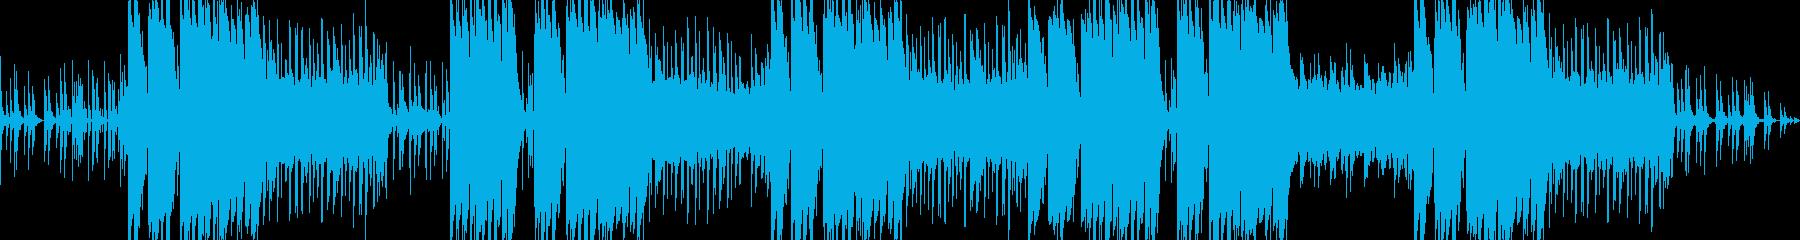 チルなシンセのエモトラップの再生済みの波形